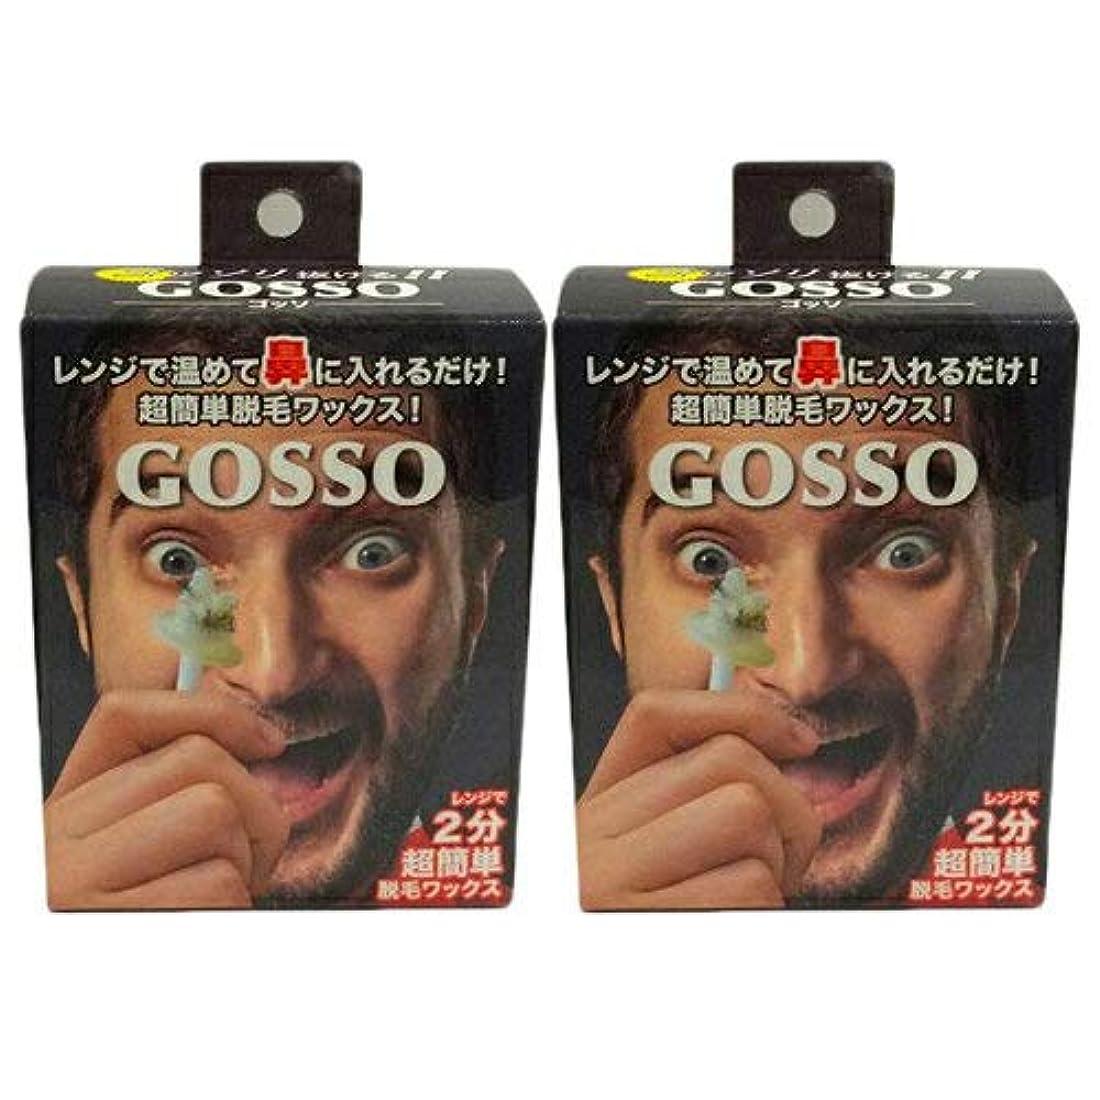 アンペア問い合わせバレルGOSSO  2箱セット